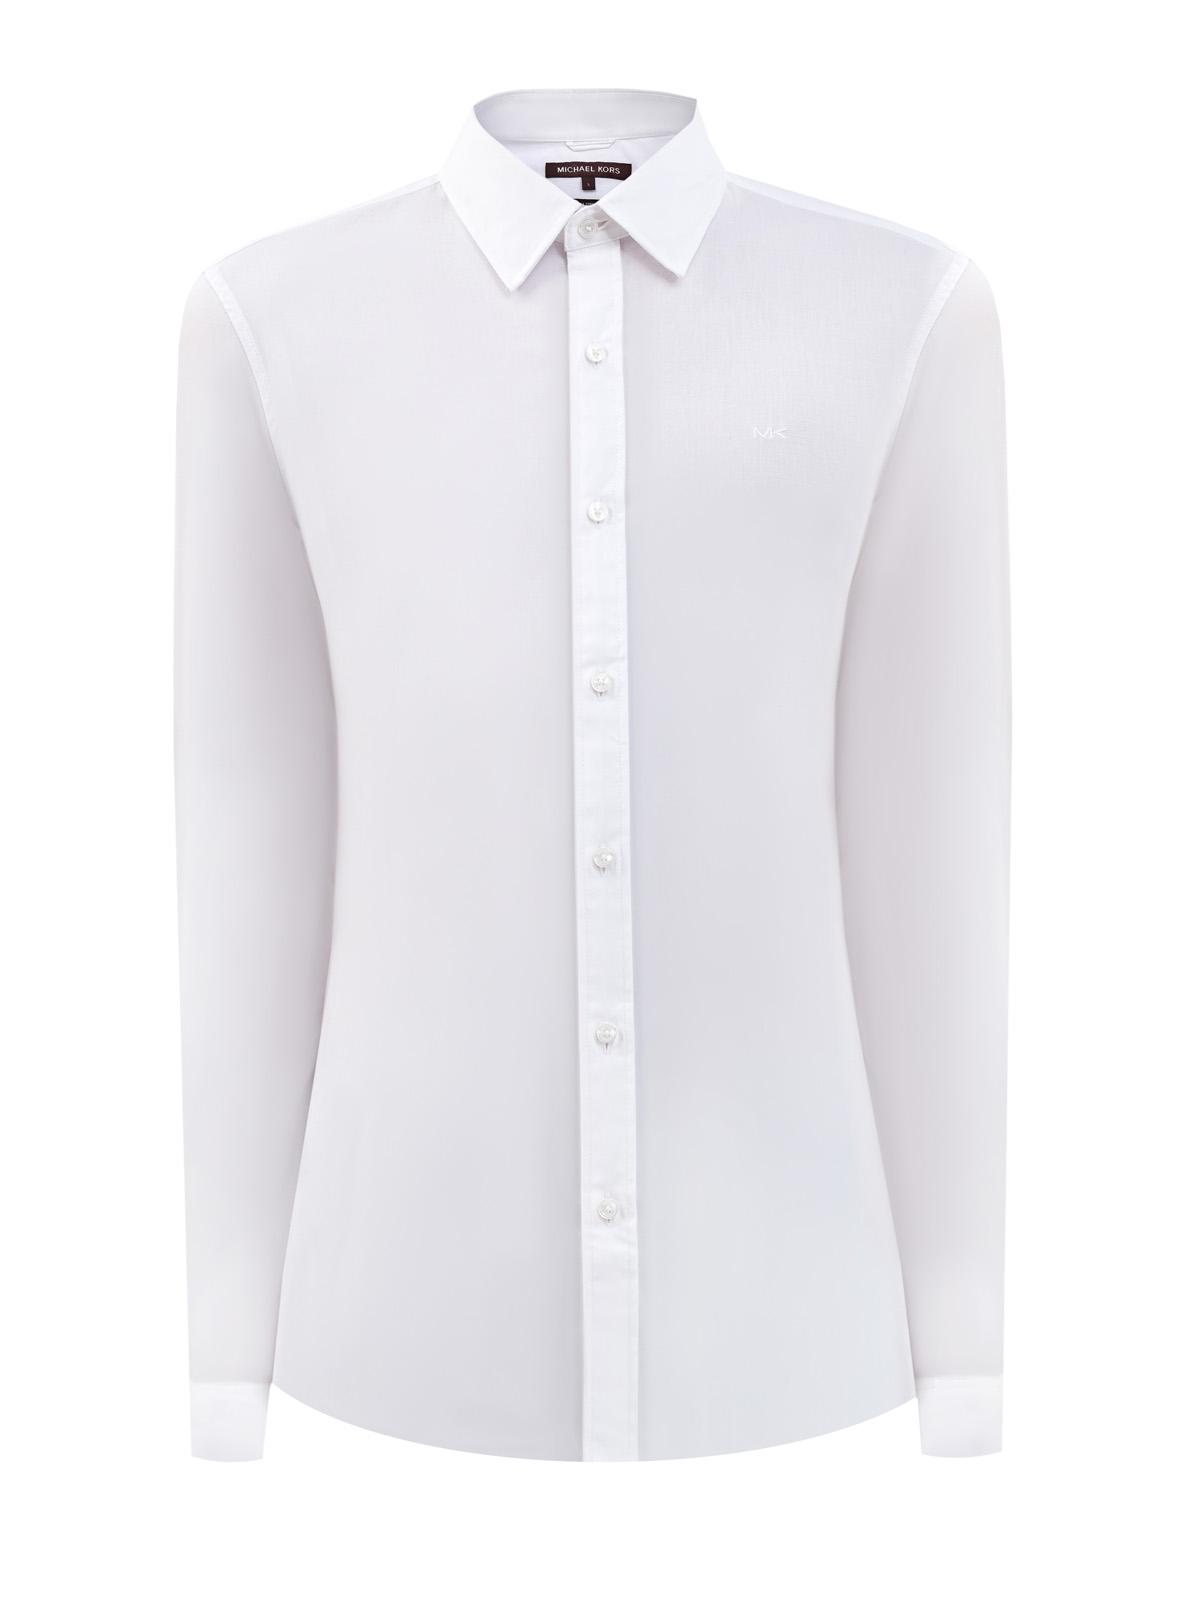 Белая рубашка кроя Slim Fit изгладкого эластичного хлопка